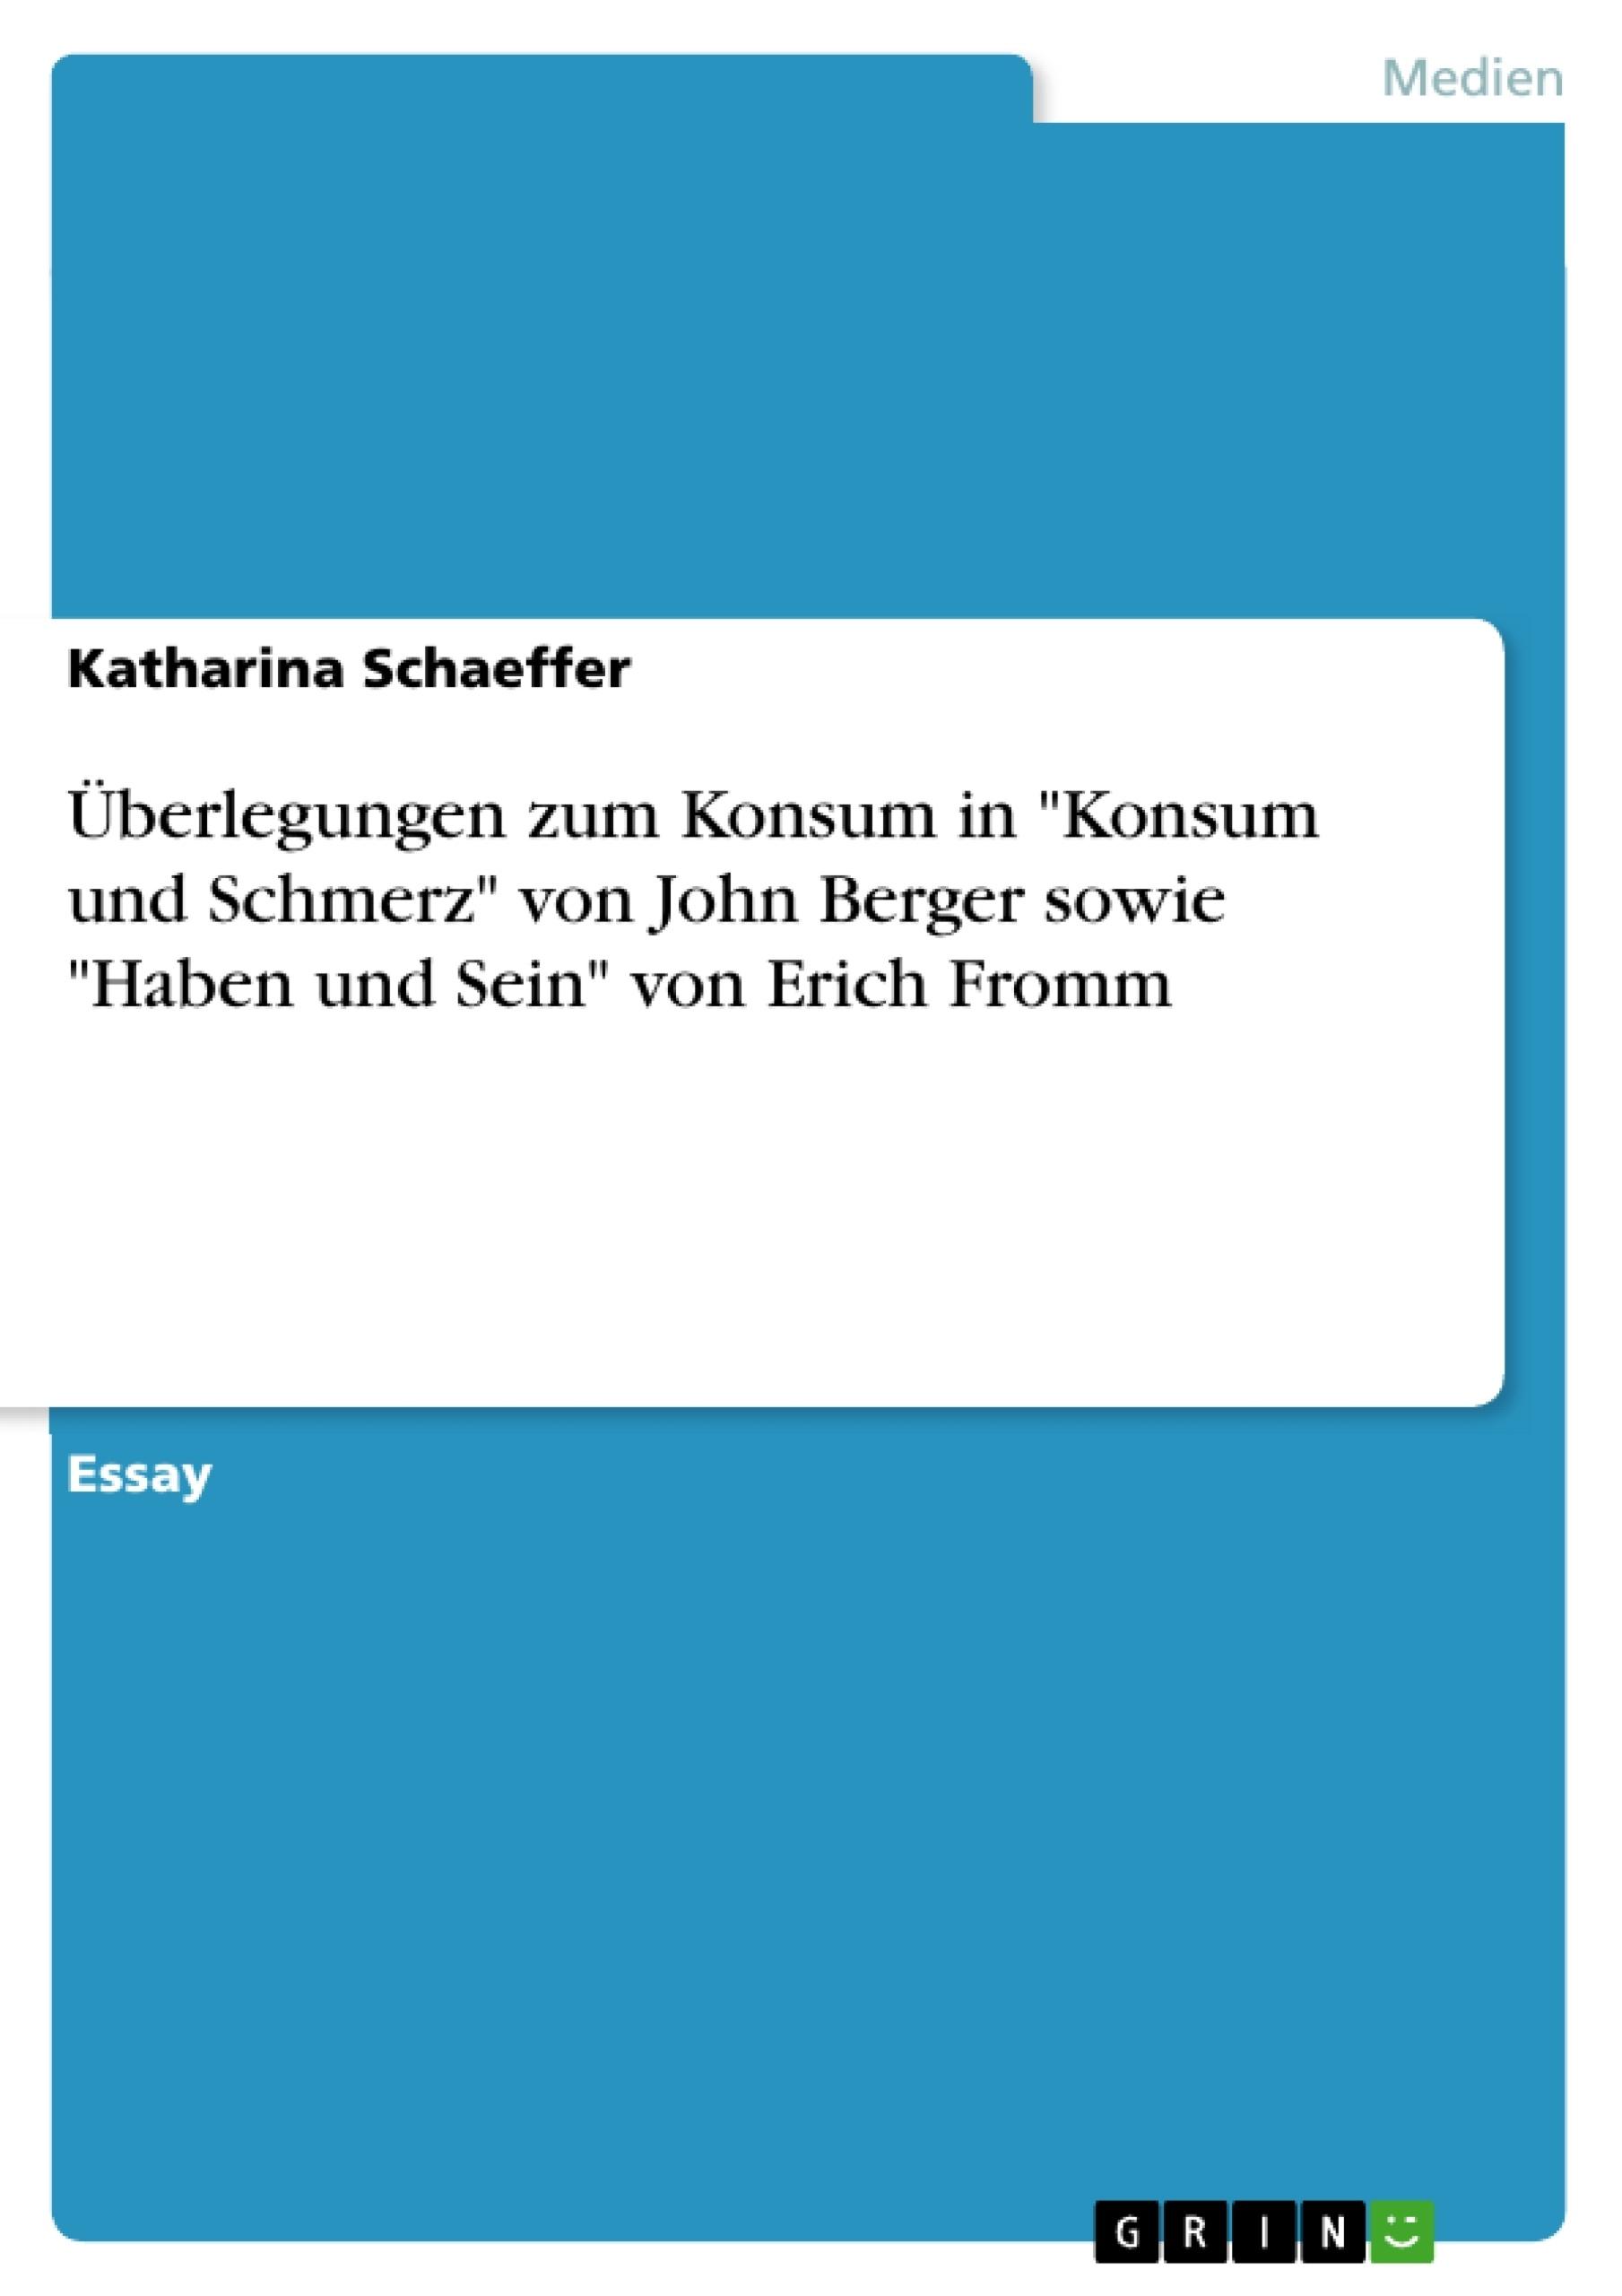 """Titel: Überlegungen zum Konsum in """"Konsum und Schmerz"""" von John Berger sowie """"Haben und Sein"""" von Erich Fromm"""